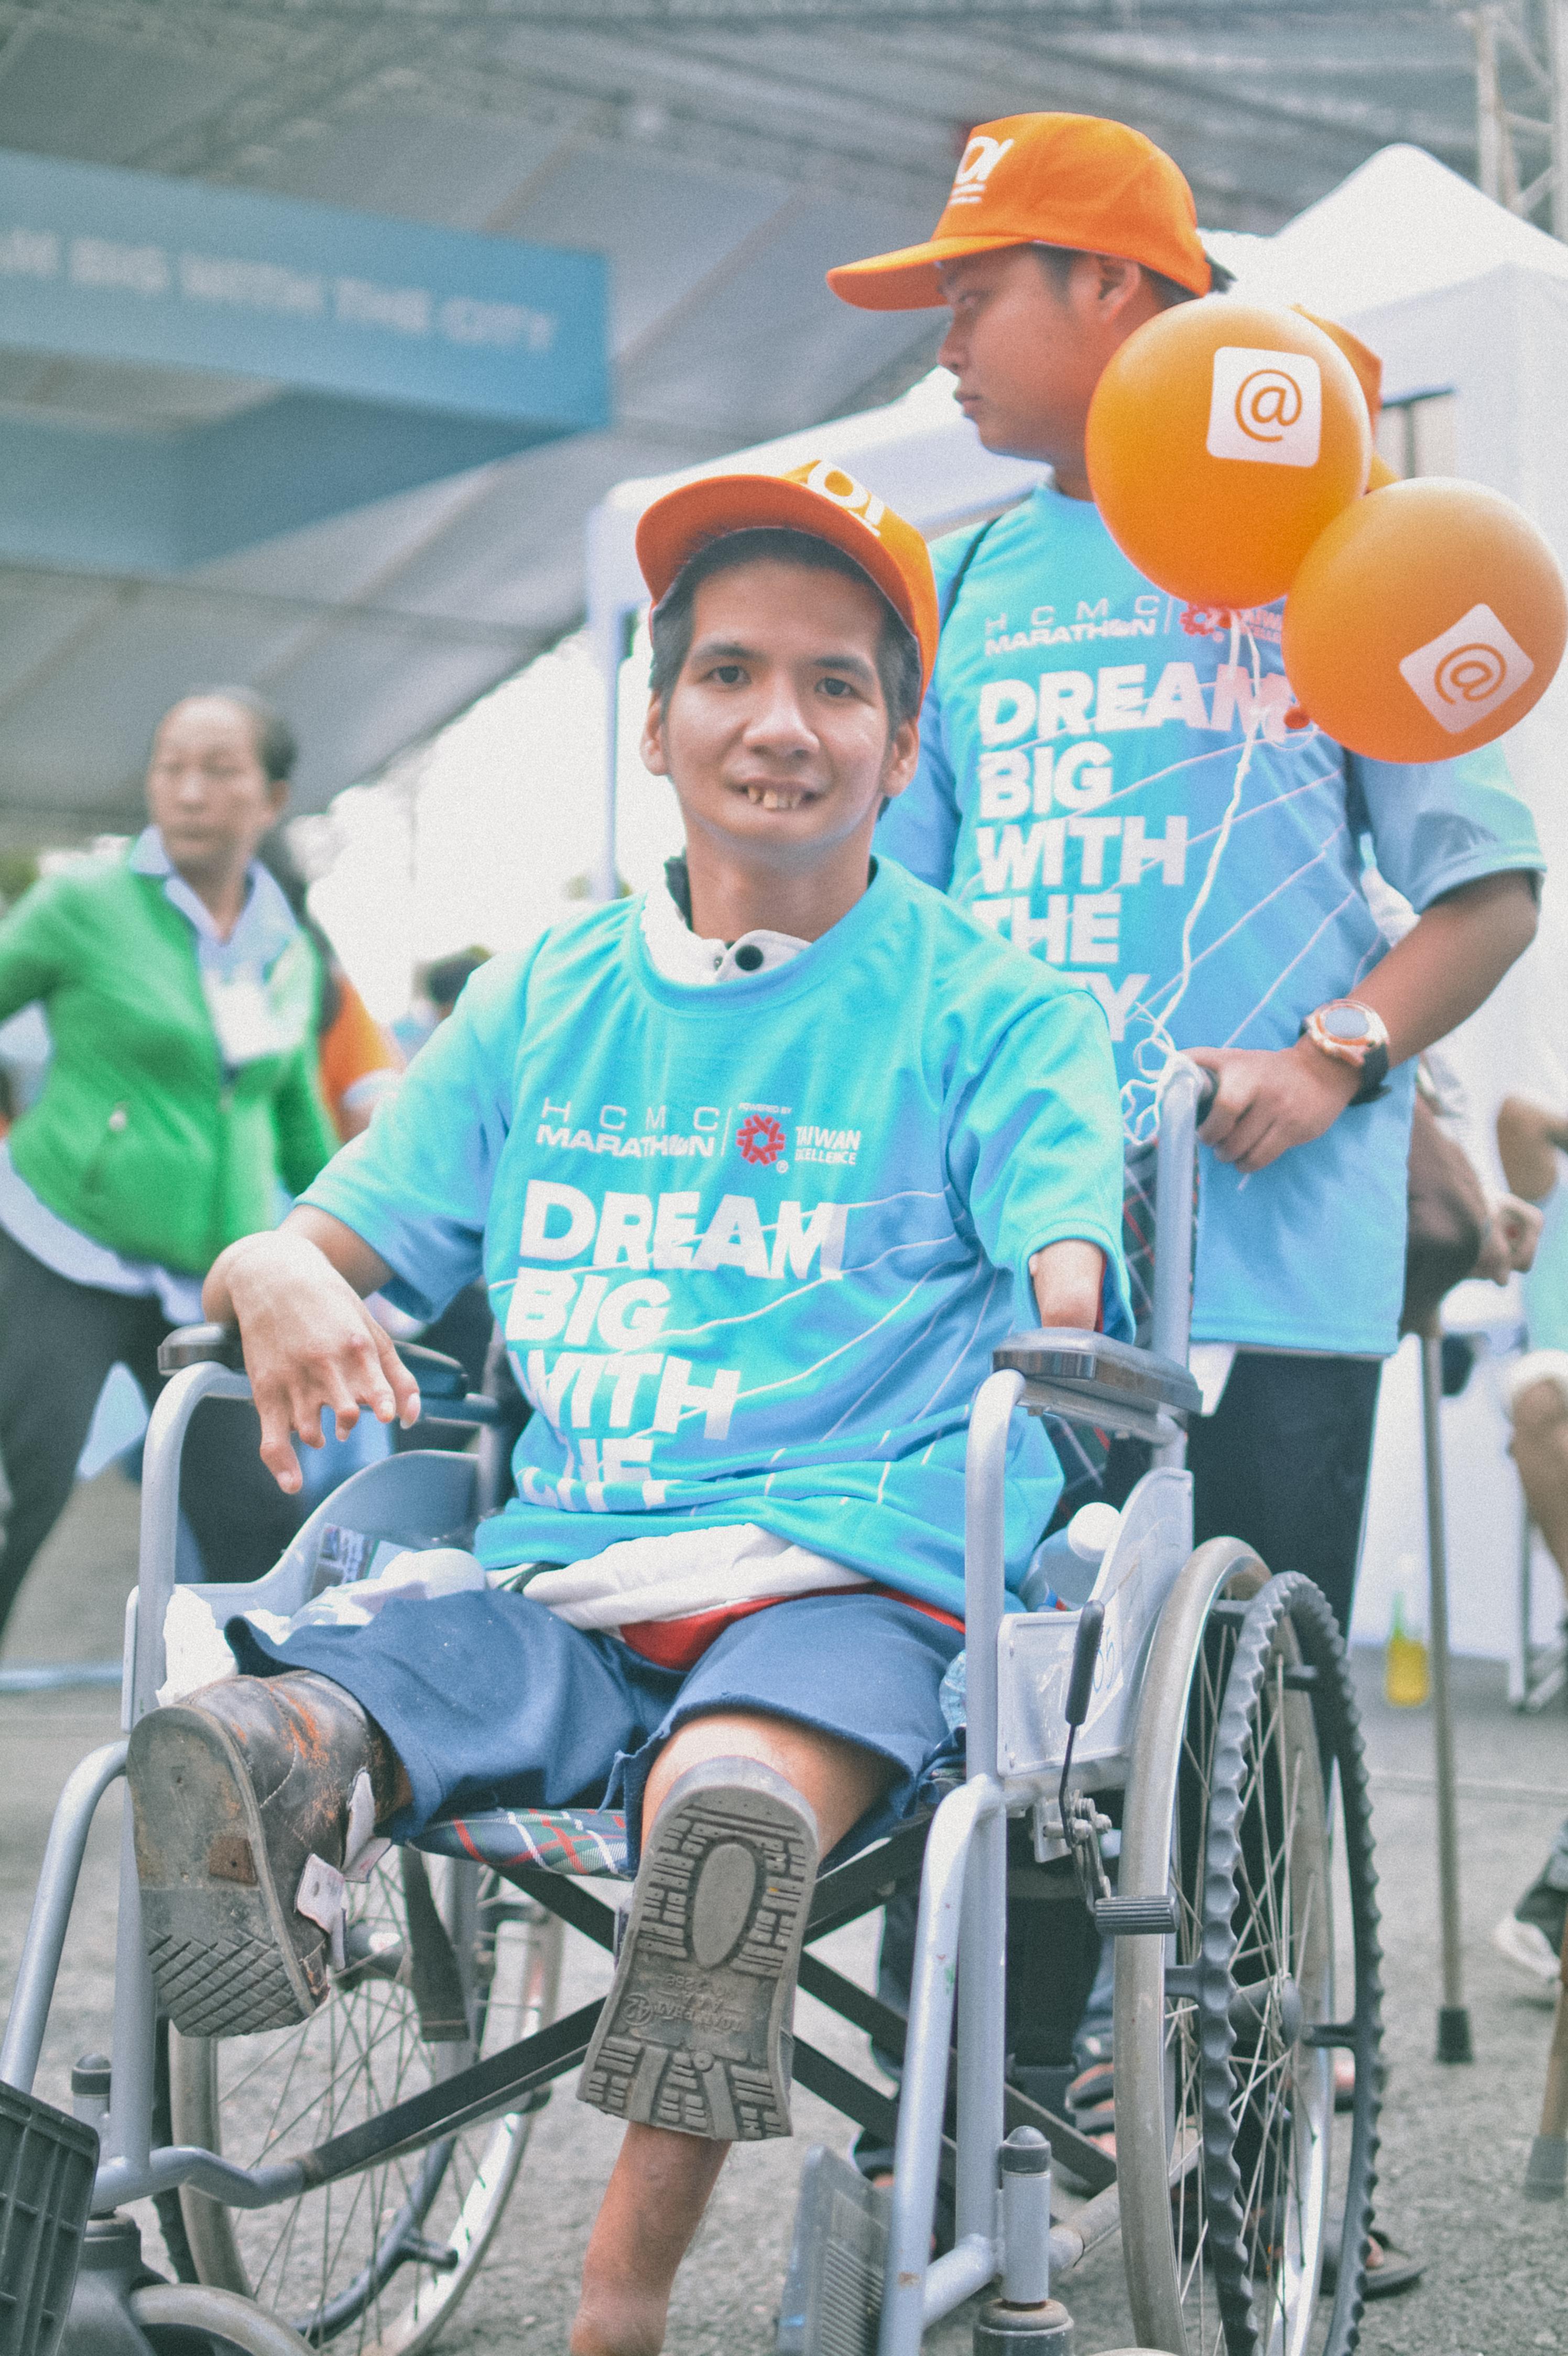 Hình ảnh rạng ngời của người khiếm khuyết sẽ là thông điệp mạnh mẽ mà dự án Sáng kiến Màu cam truyền đến mọi người về nghị lực sống phi thường của họ.